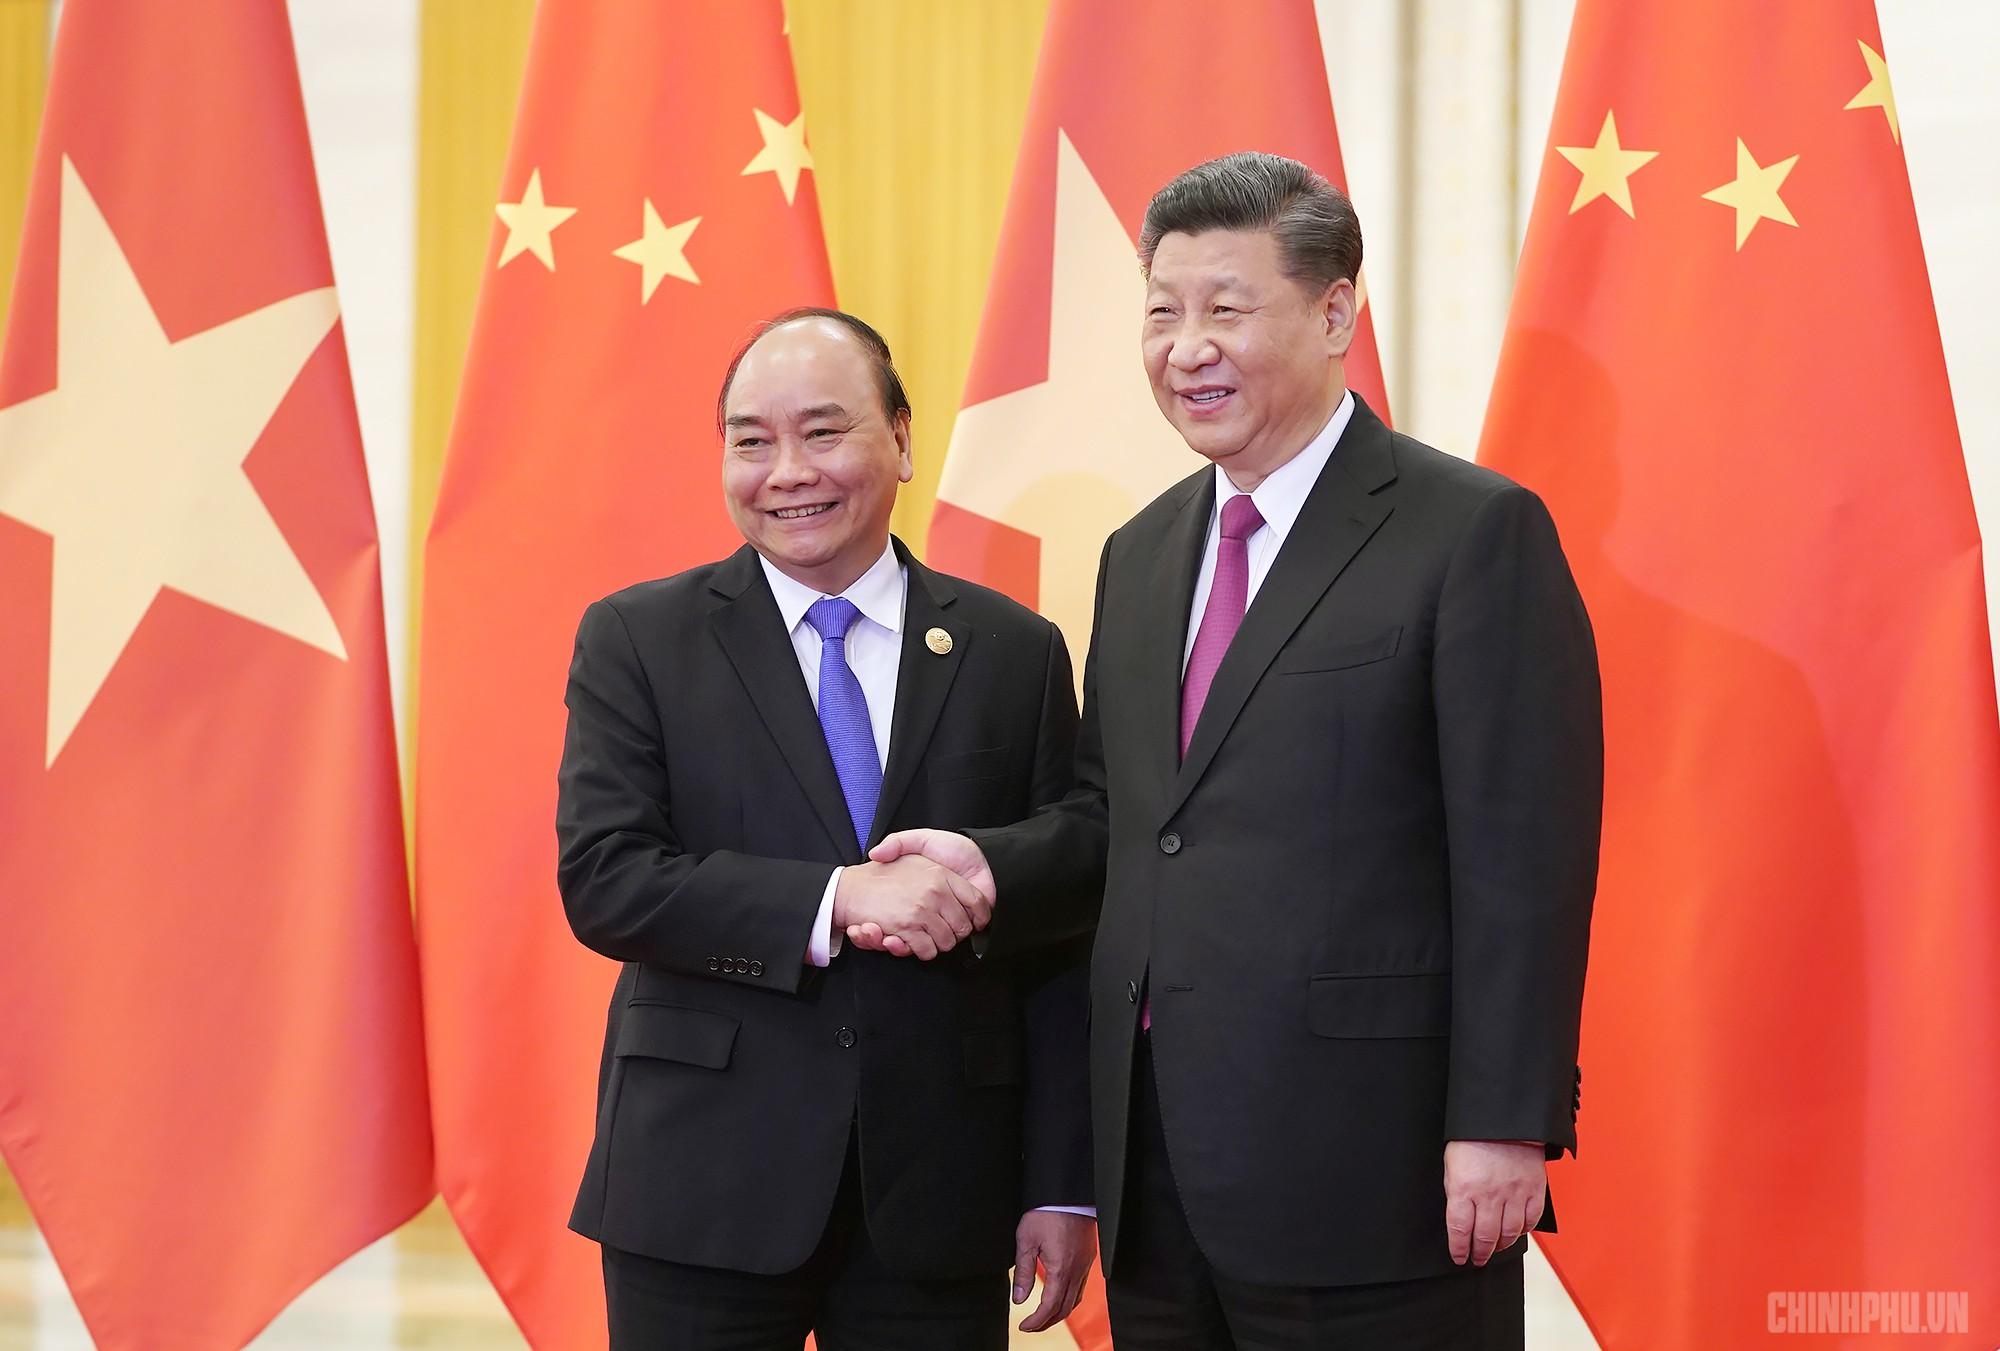 Thủ tướng Nguyễn Xuân Phúc hội kiến Tổng Bí thư, Chủ tịch Trung Quốc Tập Cận Bình - Ảnh 1.